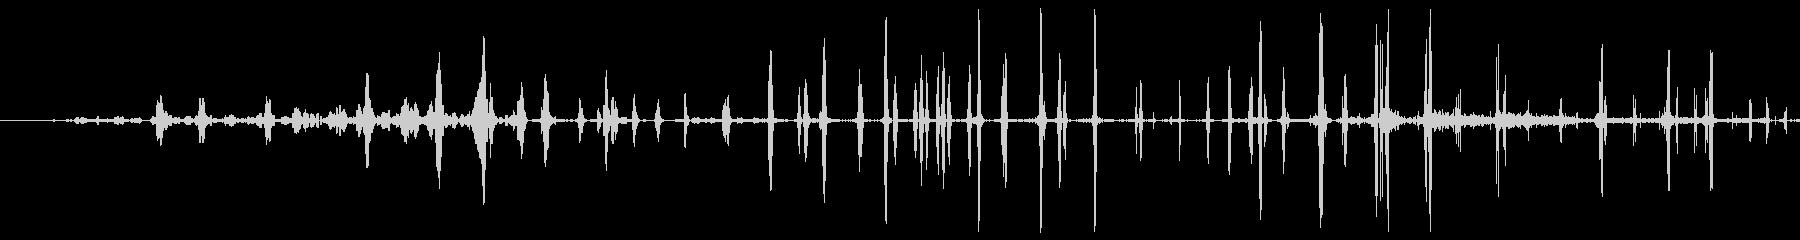 ソフト静的遷移の未再生の波形